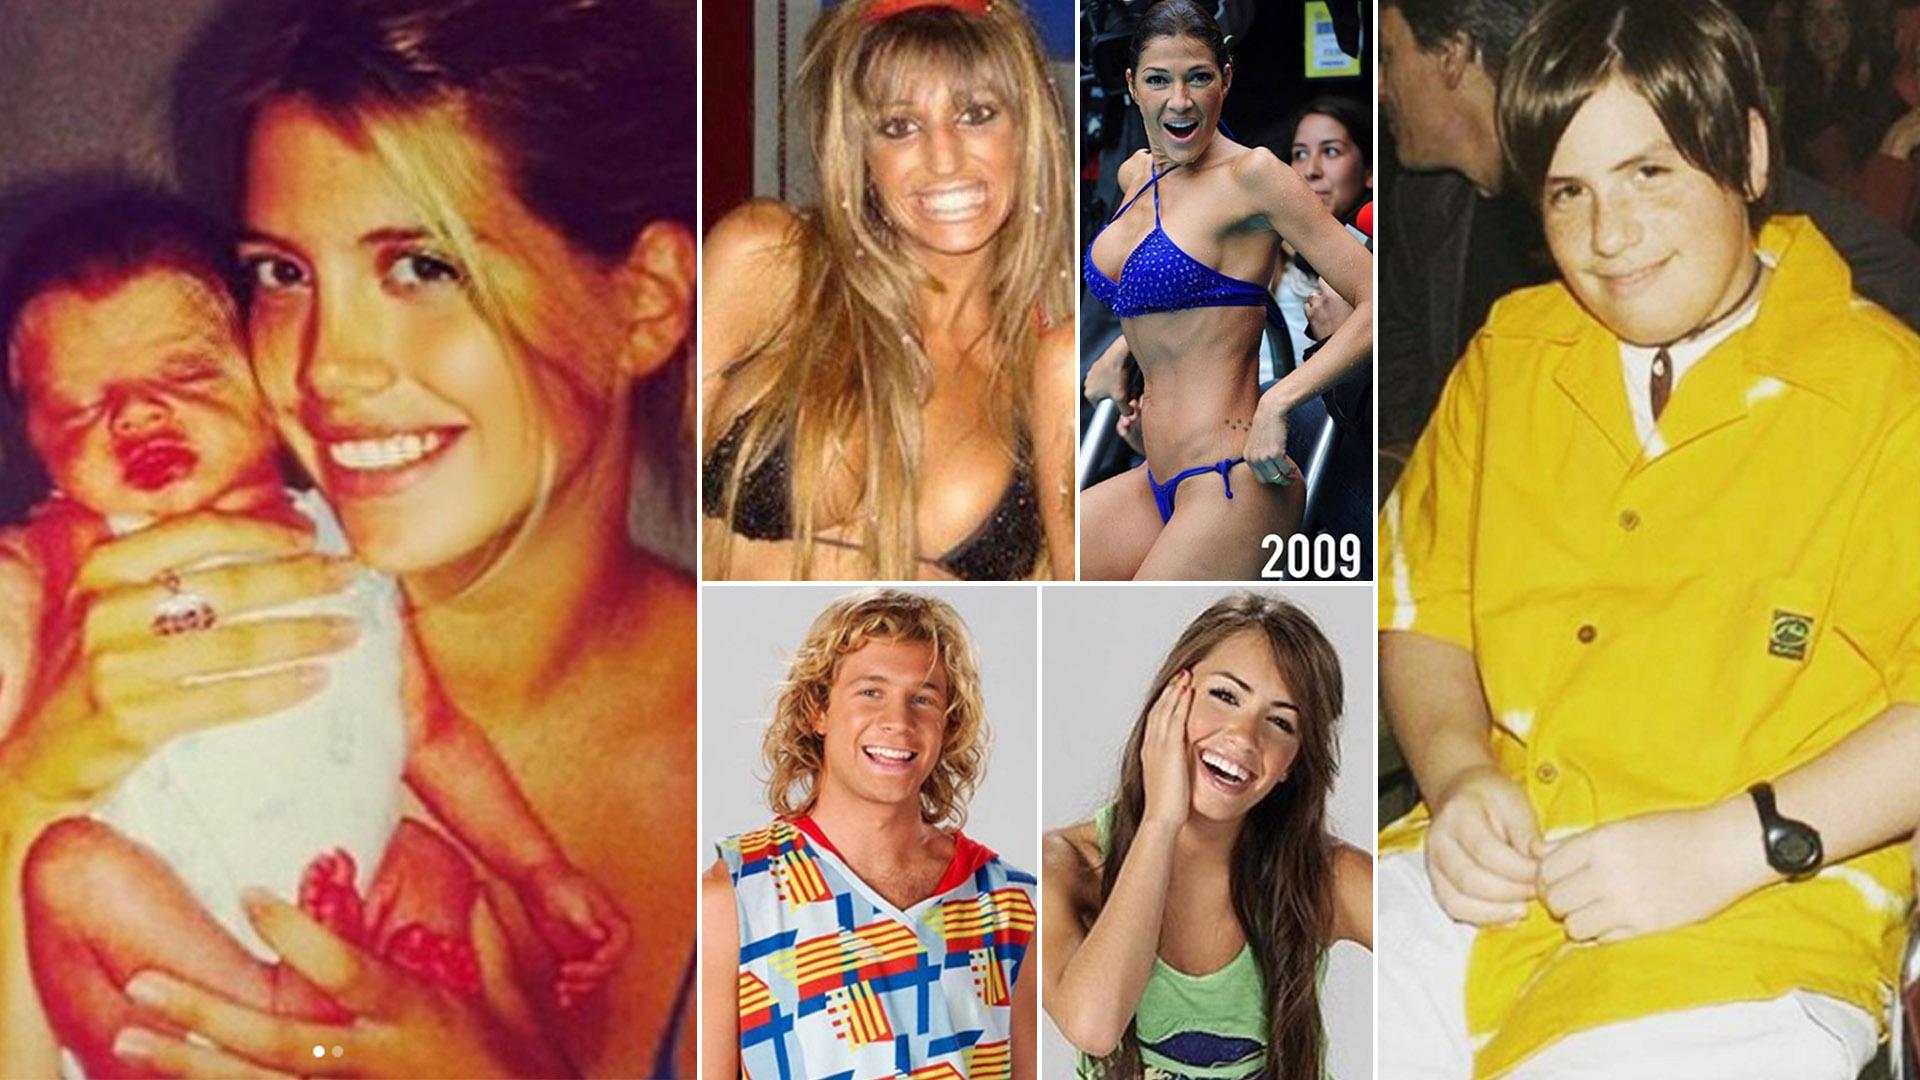 """Wanda Nara, Vicky Xipolitakis, Fede Bal, Lali Espósito, Nico Riera, entre otros famosos, se sumaron al """"10 years challenge"""", un desafío viral que tuvo éxito en las redes sociales"""